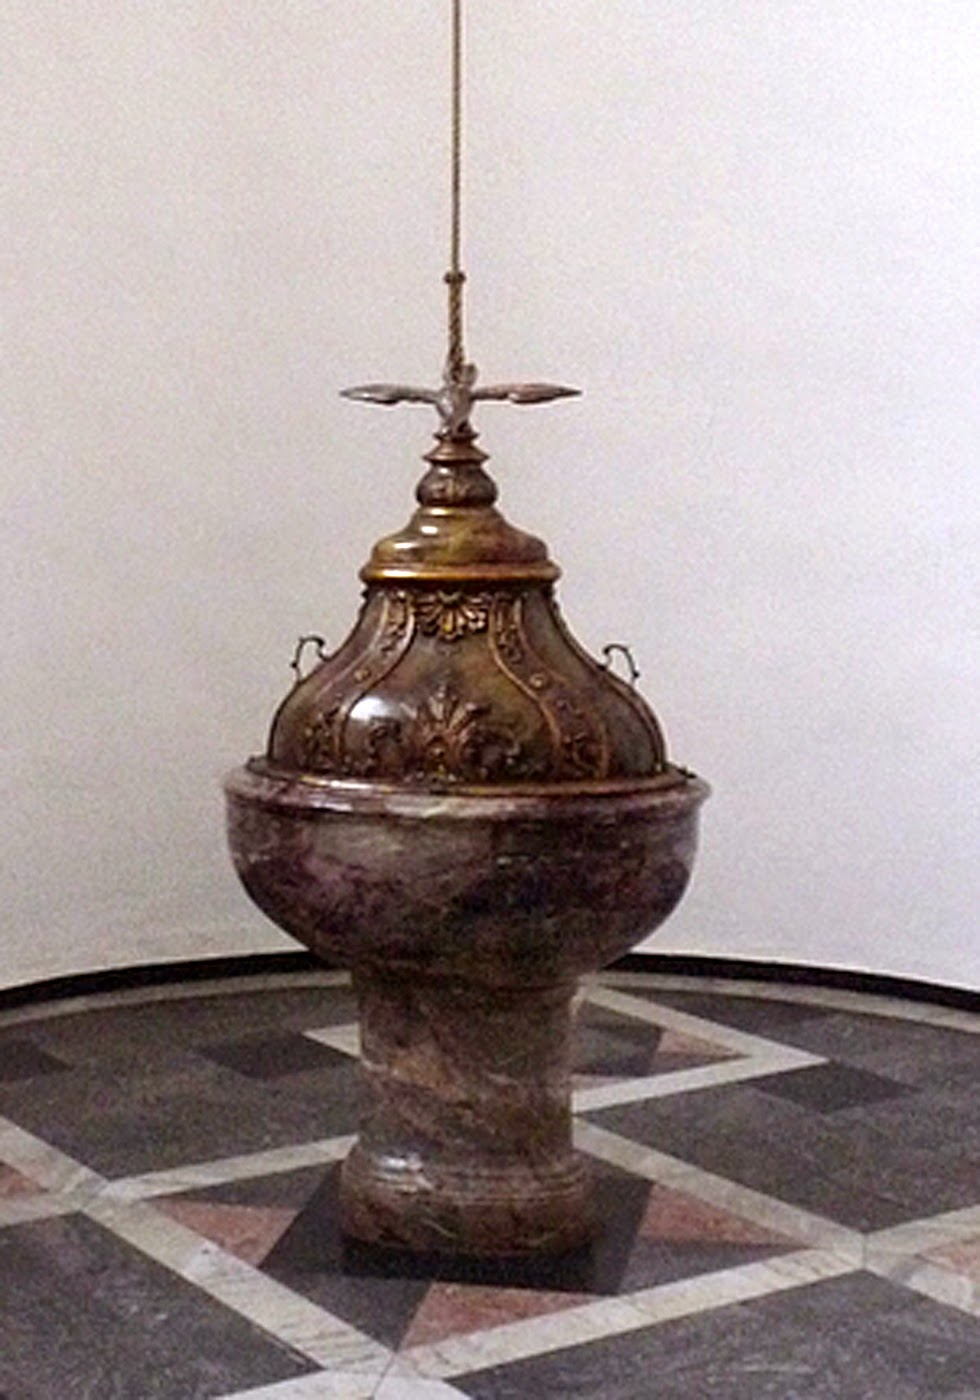 Ferdinand Preiss Einfach Orientalische Bronze Figur Von Johann P 1882-1943 Markiert Kunden Zuerst